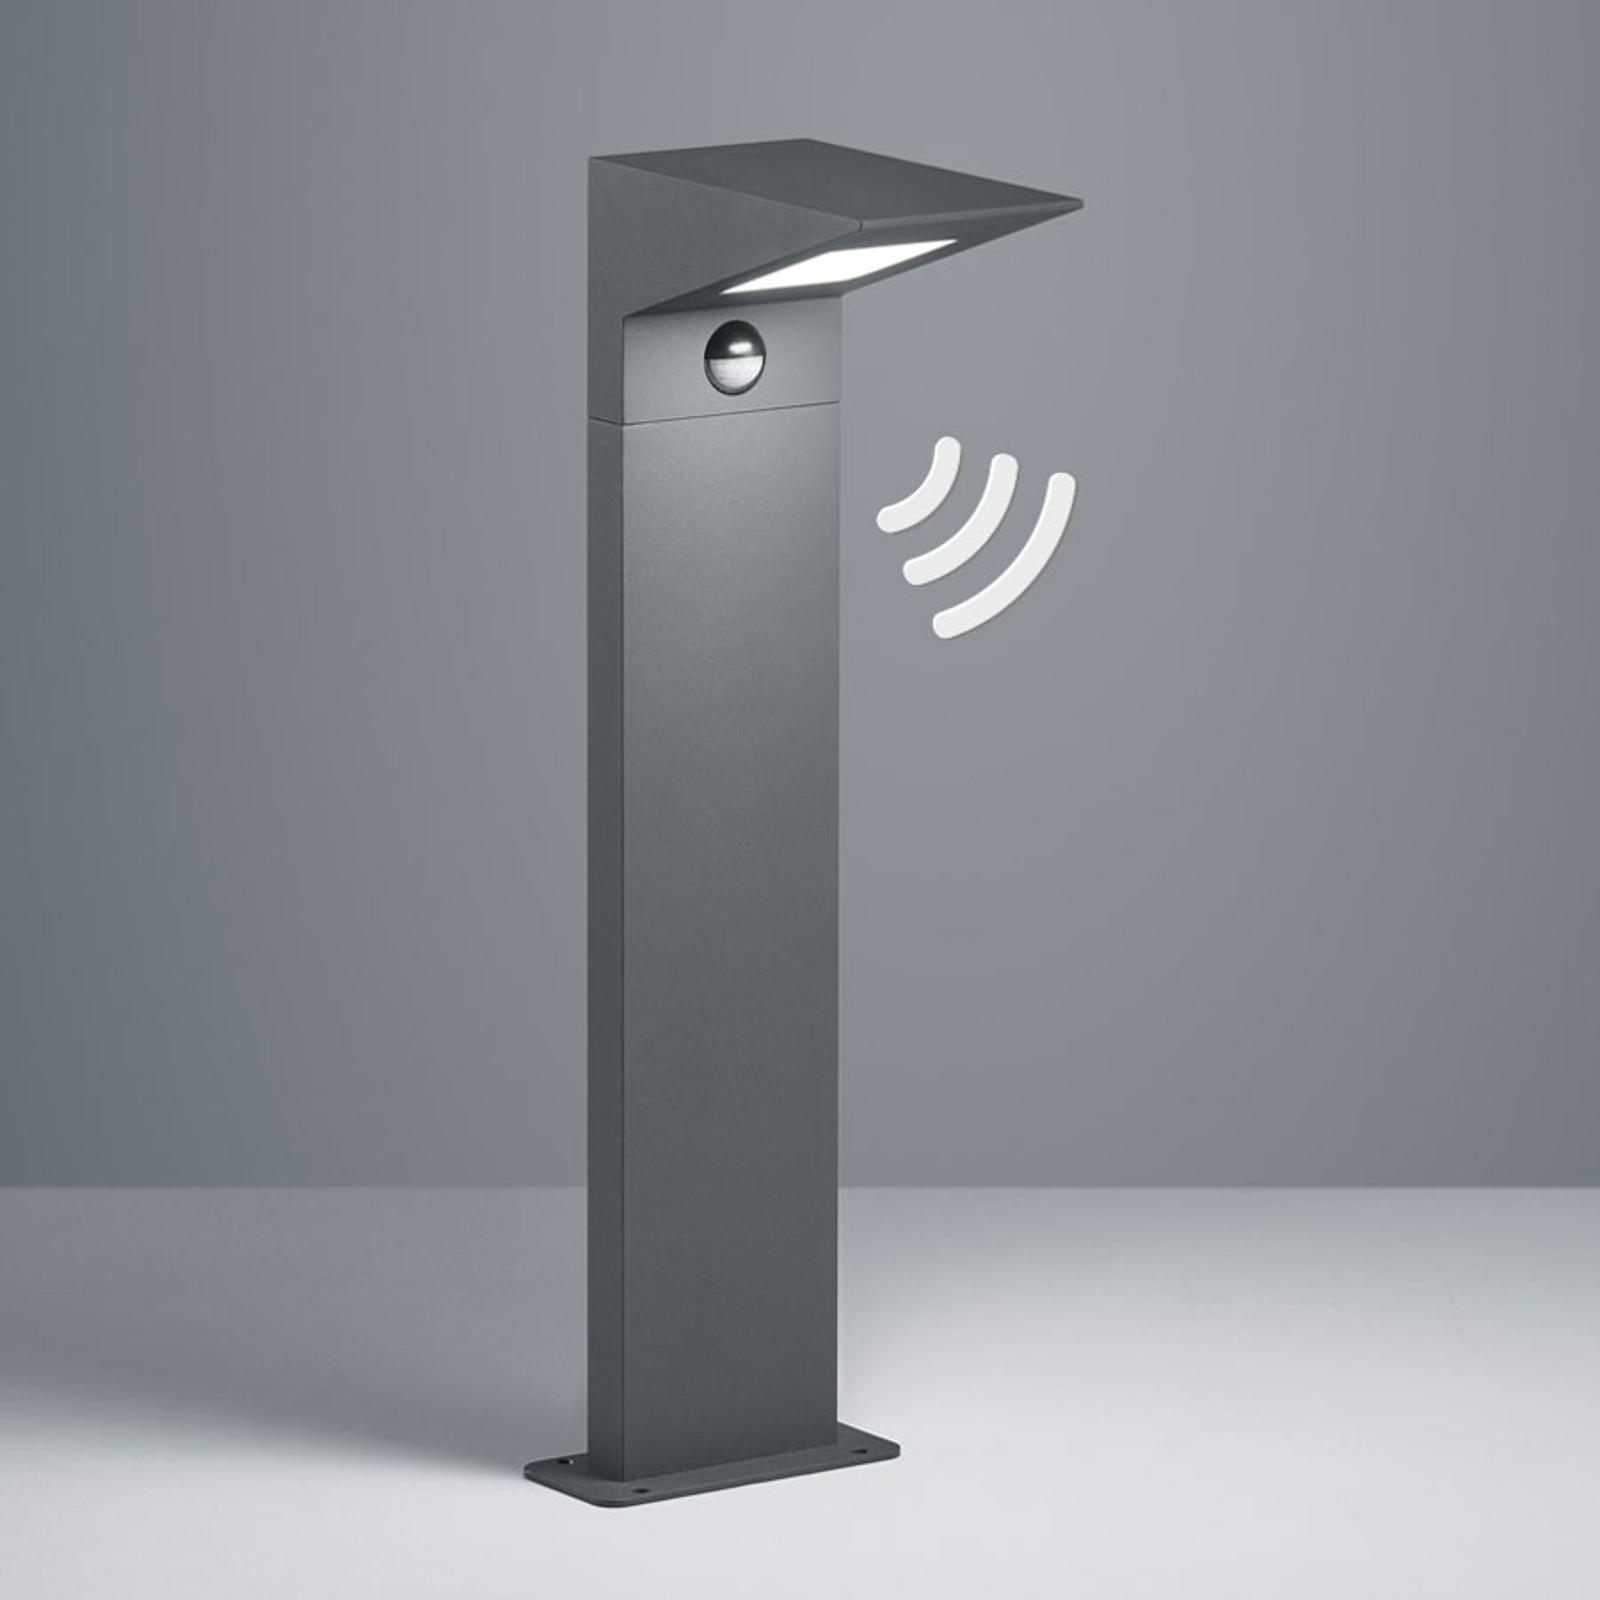 LED-Sockelleuchte Nelson, Höhe 50 cm, mit Sensor